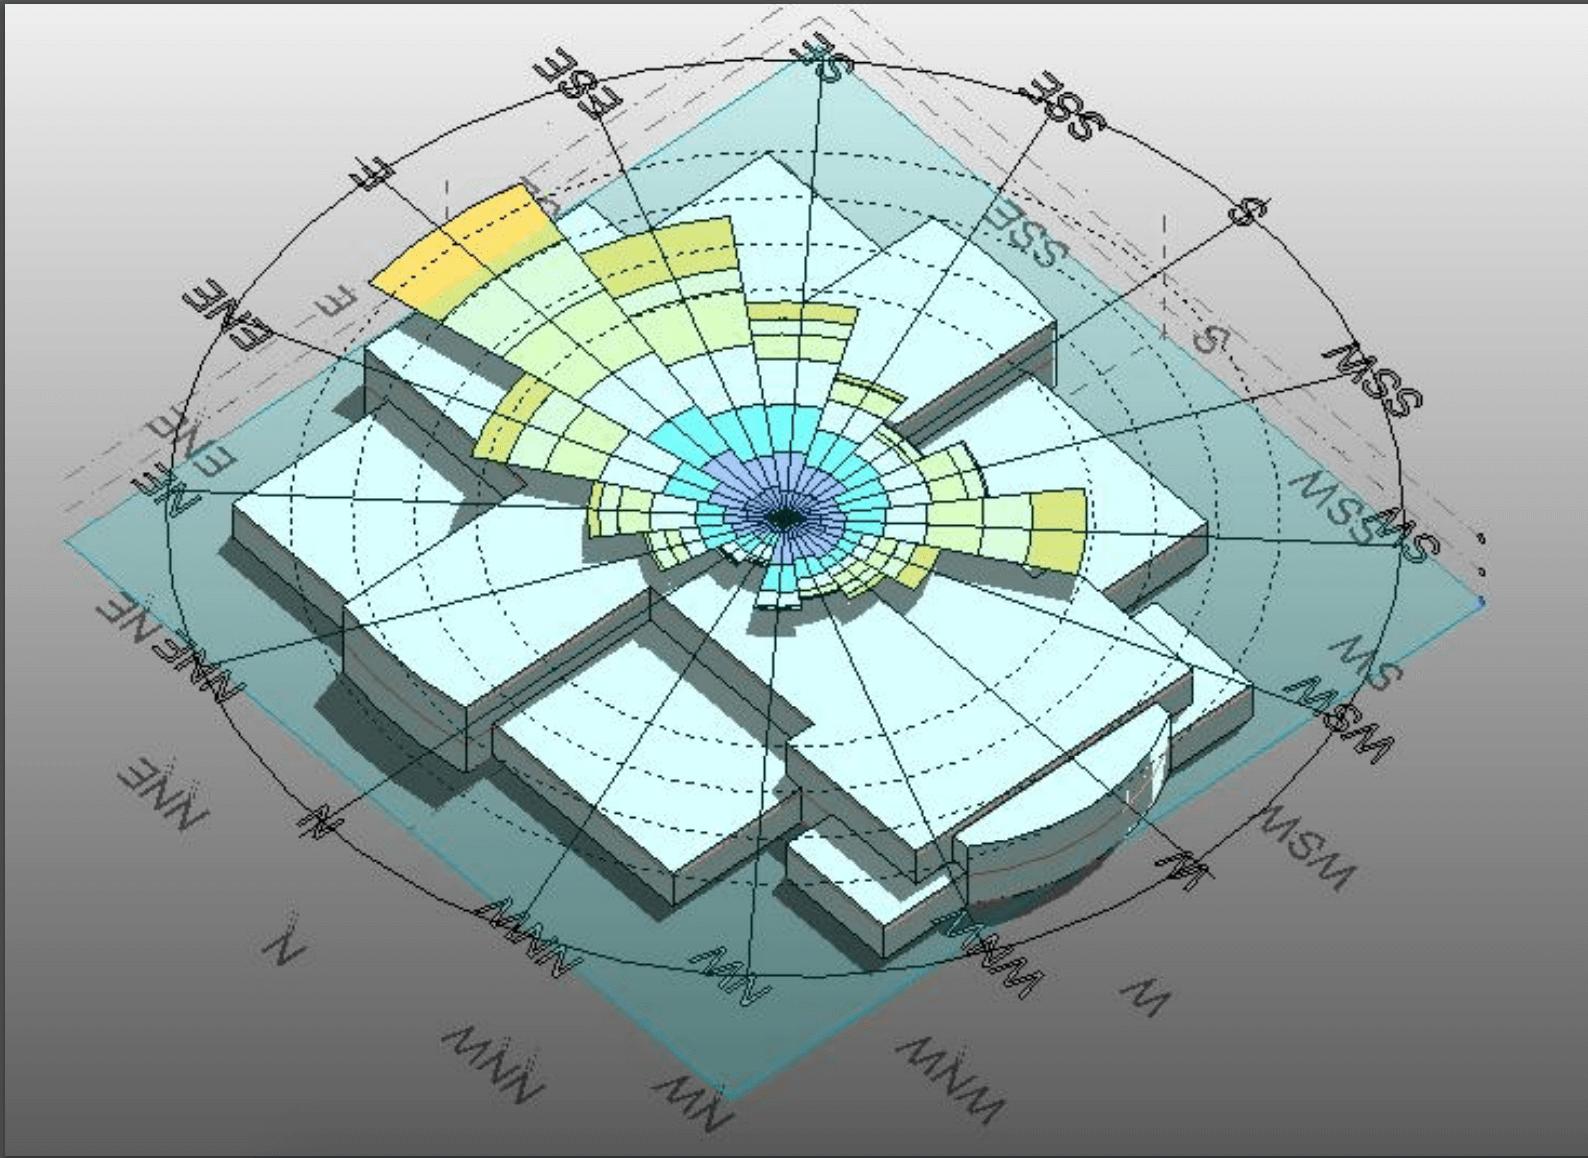 Zero energy infrastructure saransh solanki product designer wind rose diagram ccuart Images